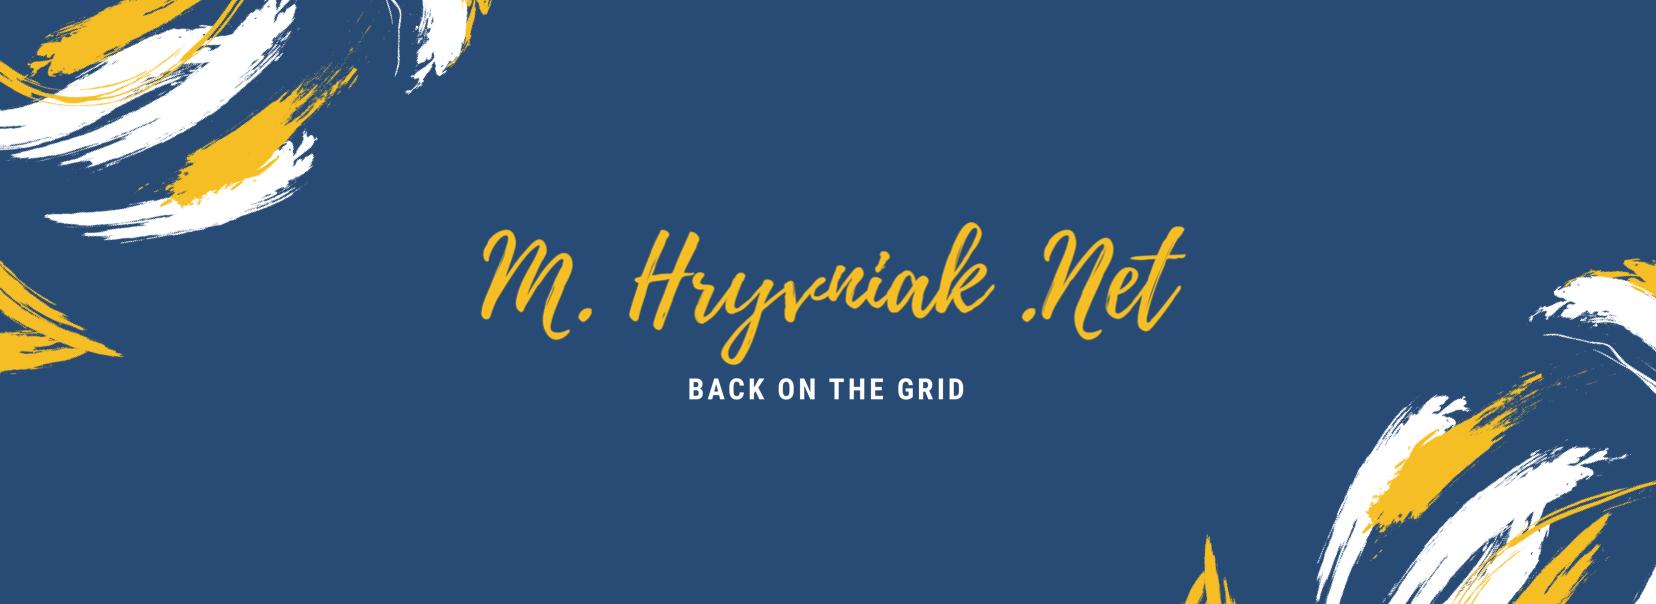 mhryvniak.net :: Back on the Grid